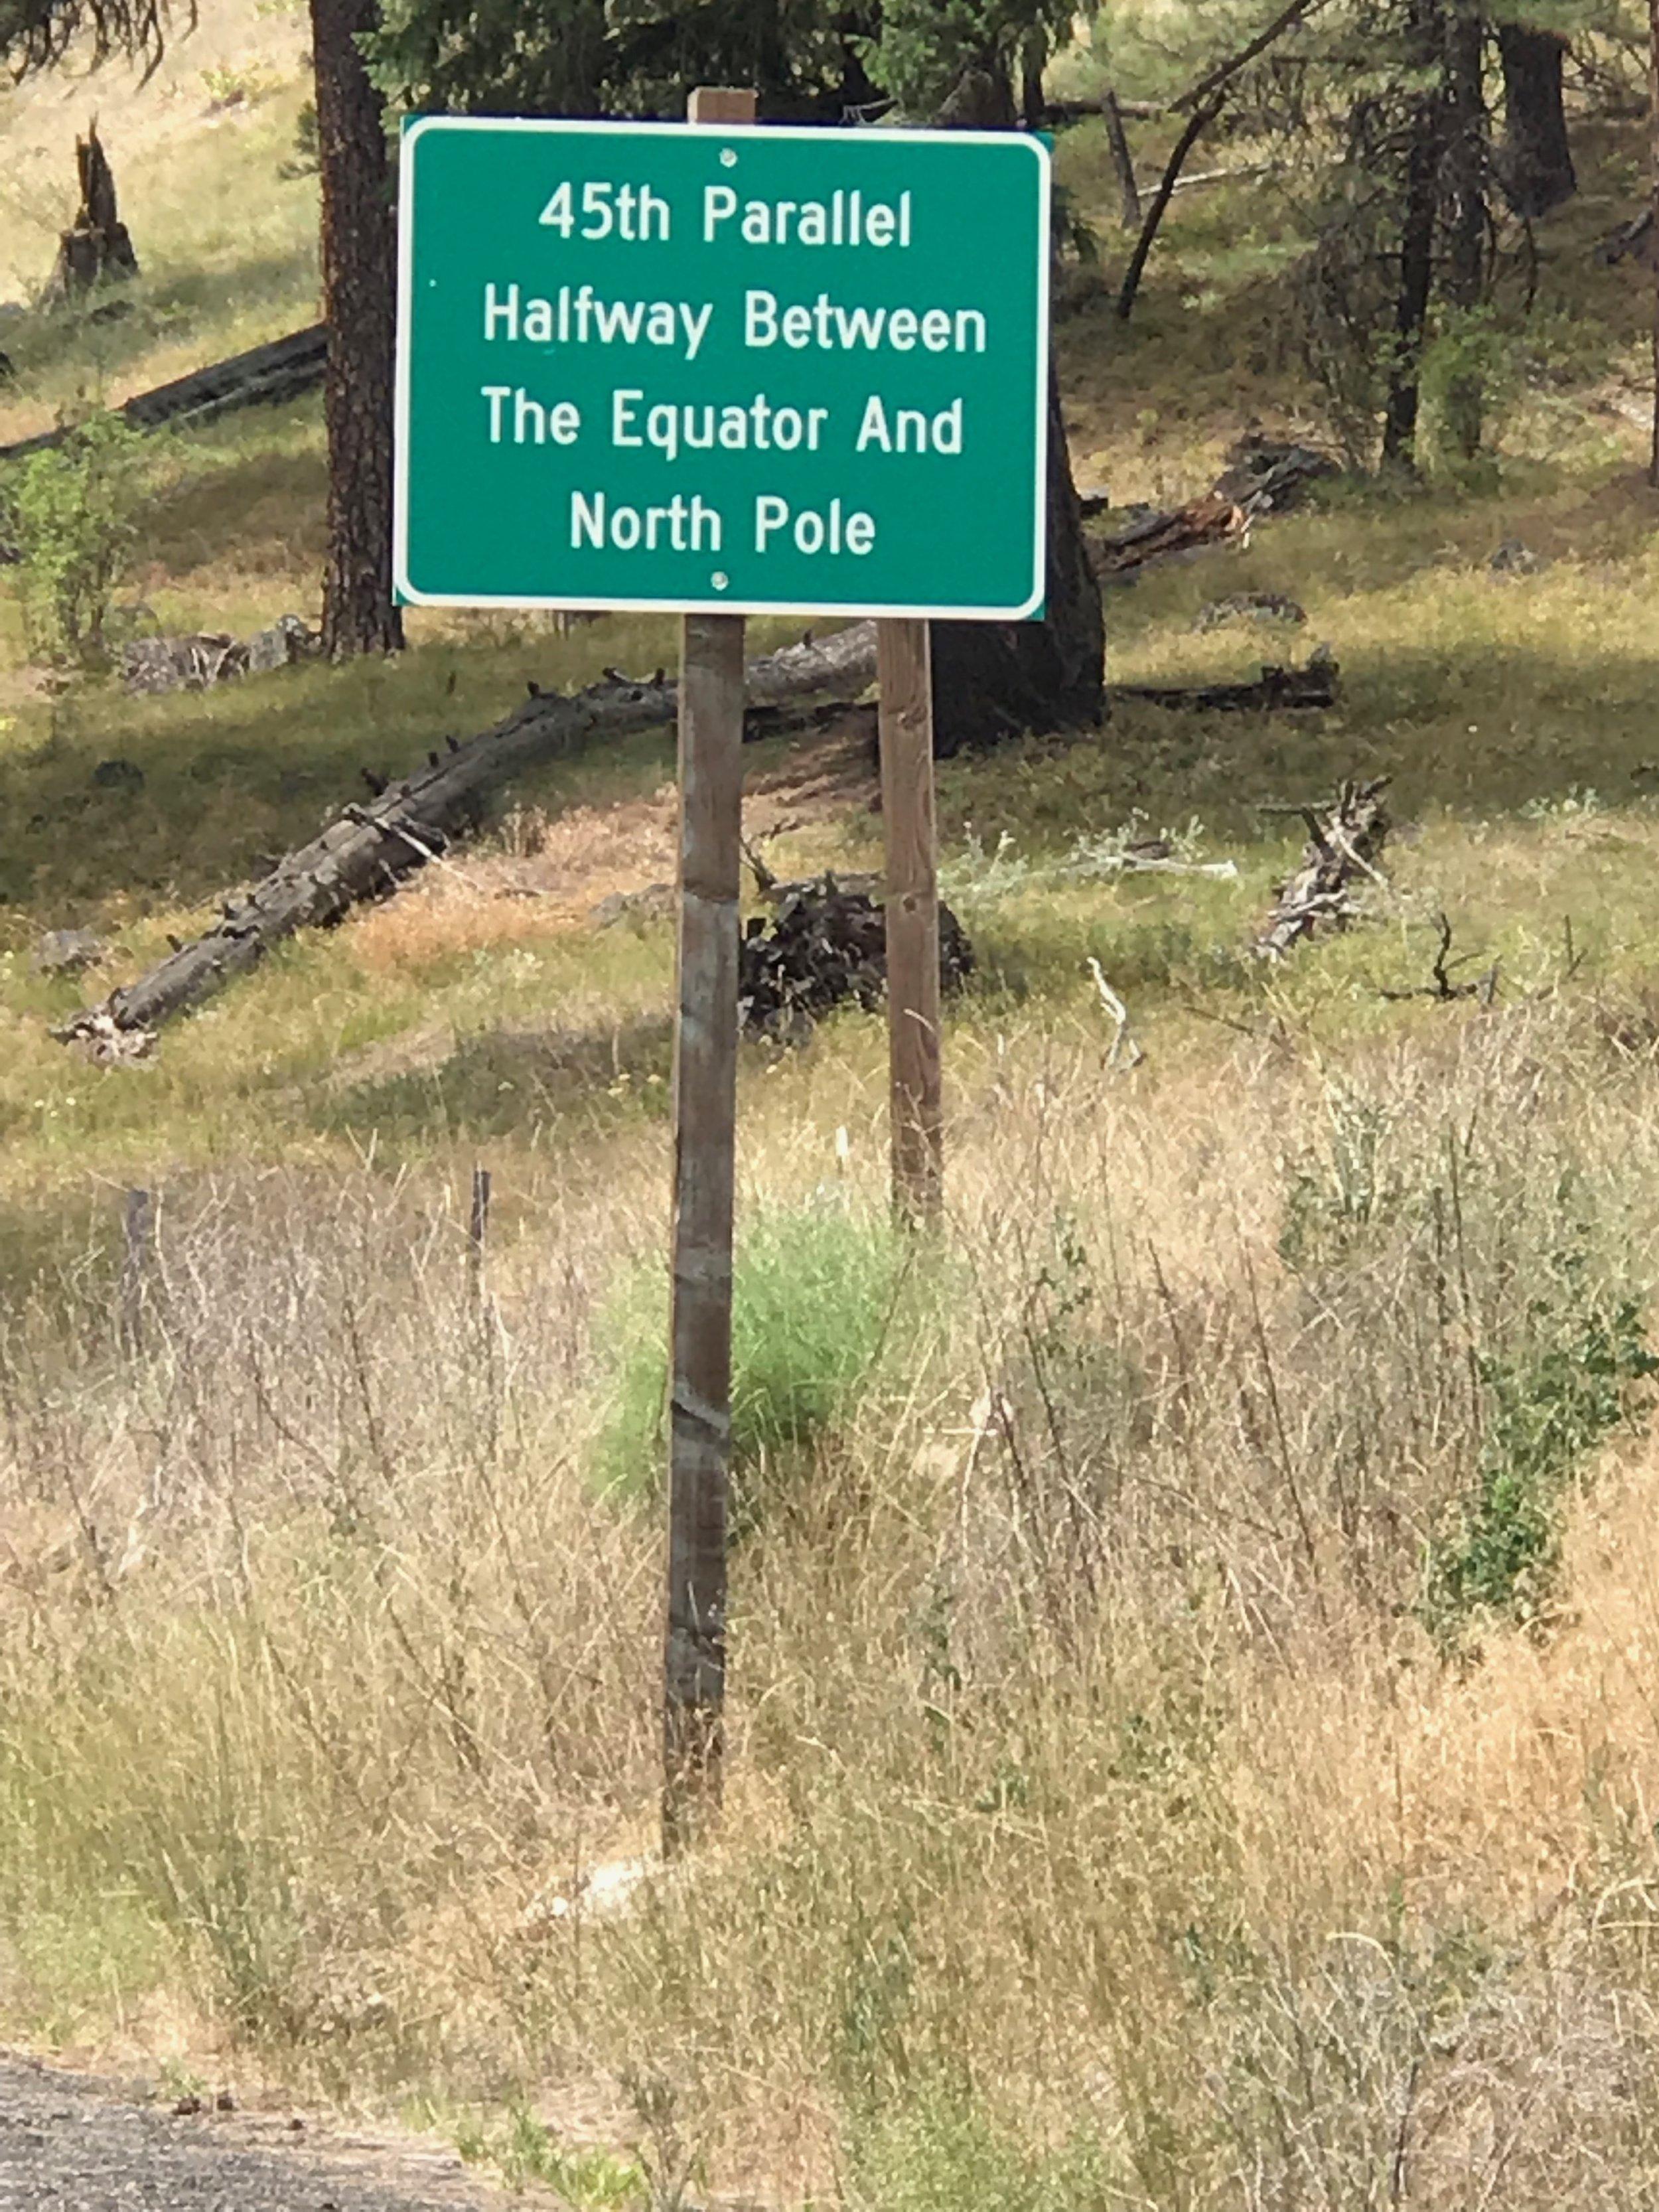 49th Parallel, Ukiah, Oregon